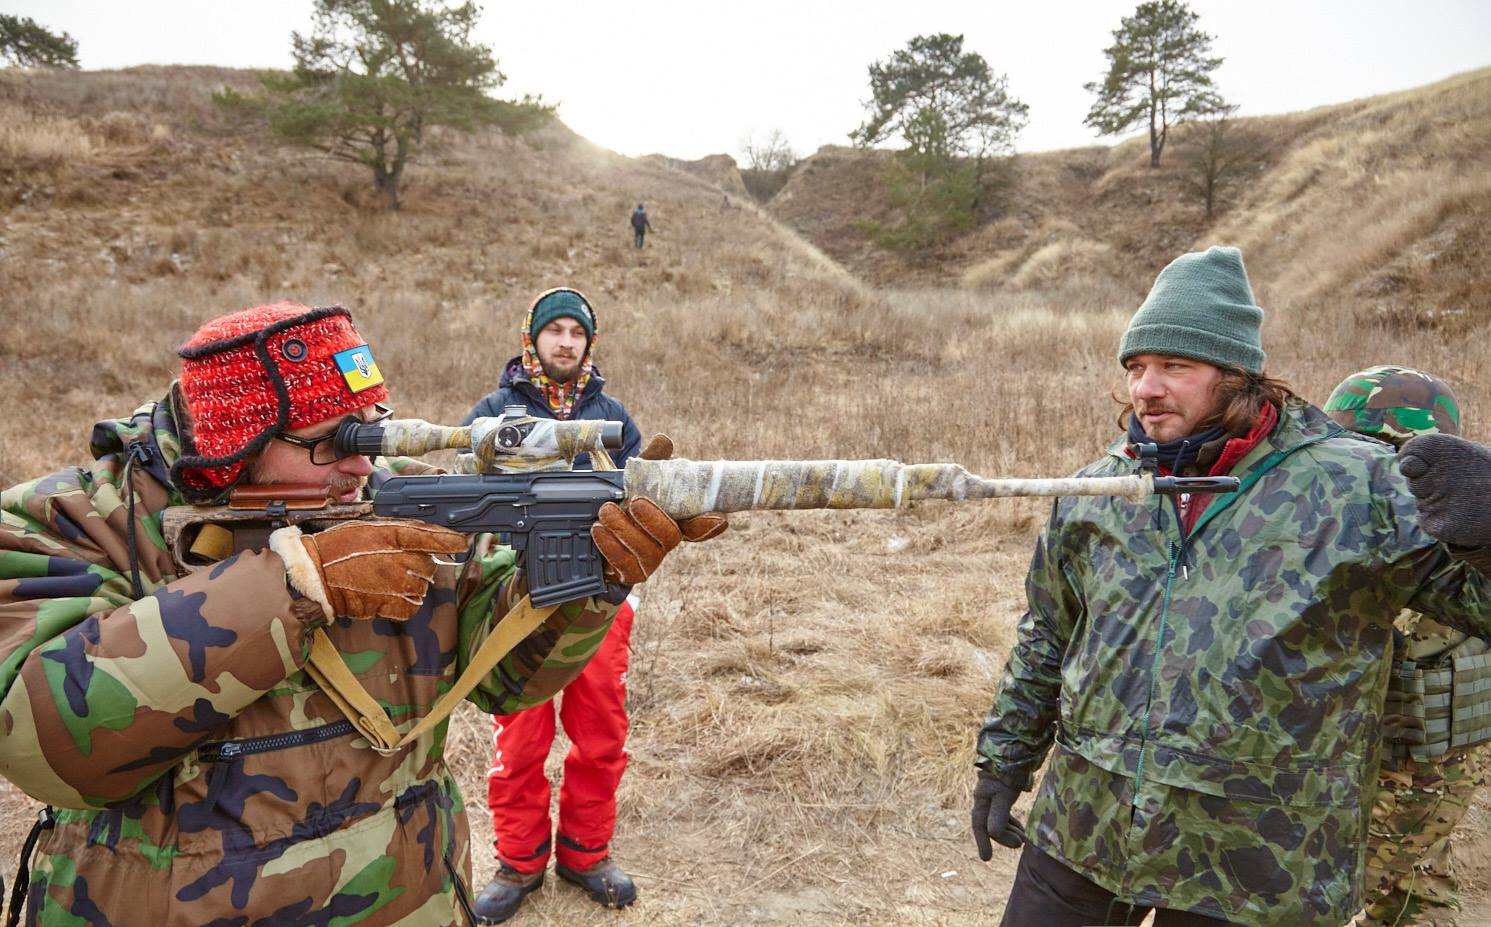 Олексій Шапарев: У кожного своя війна, і якщо не в окопі на передовій, то хоча б свої знання і талант застосую в боротьбі за Україну 5